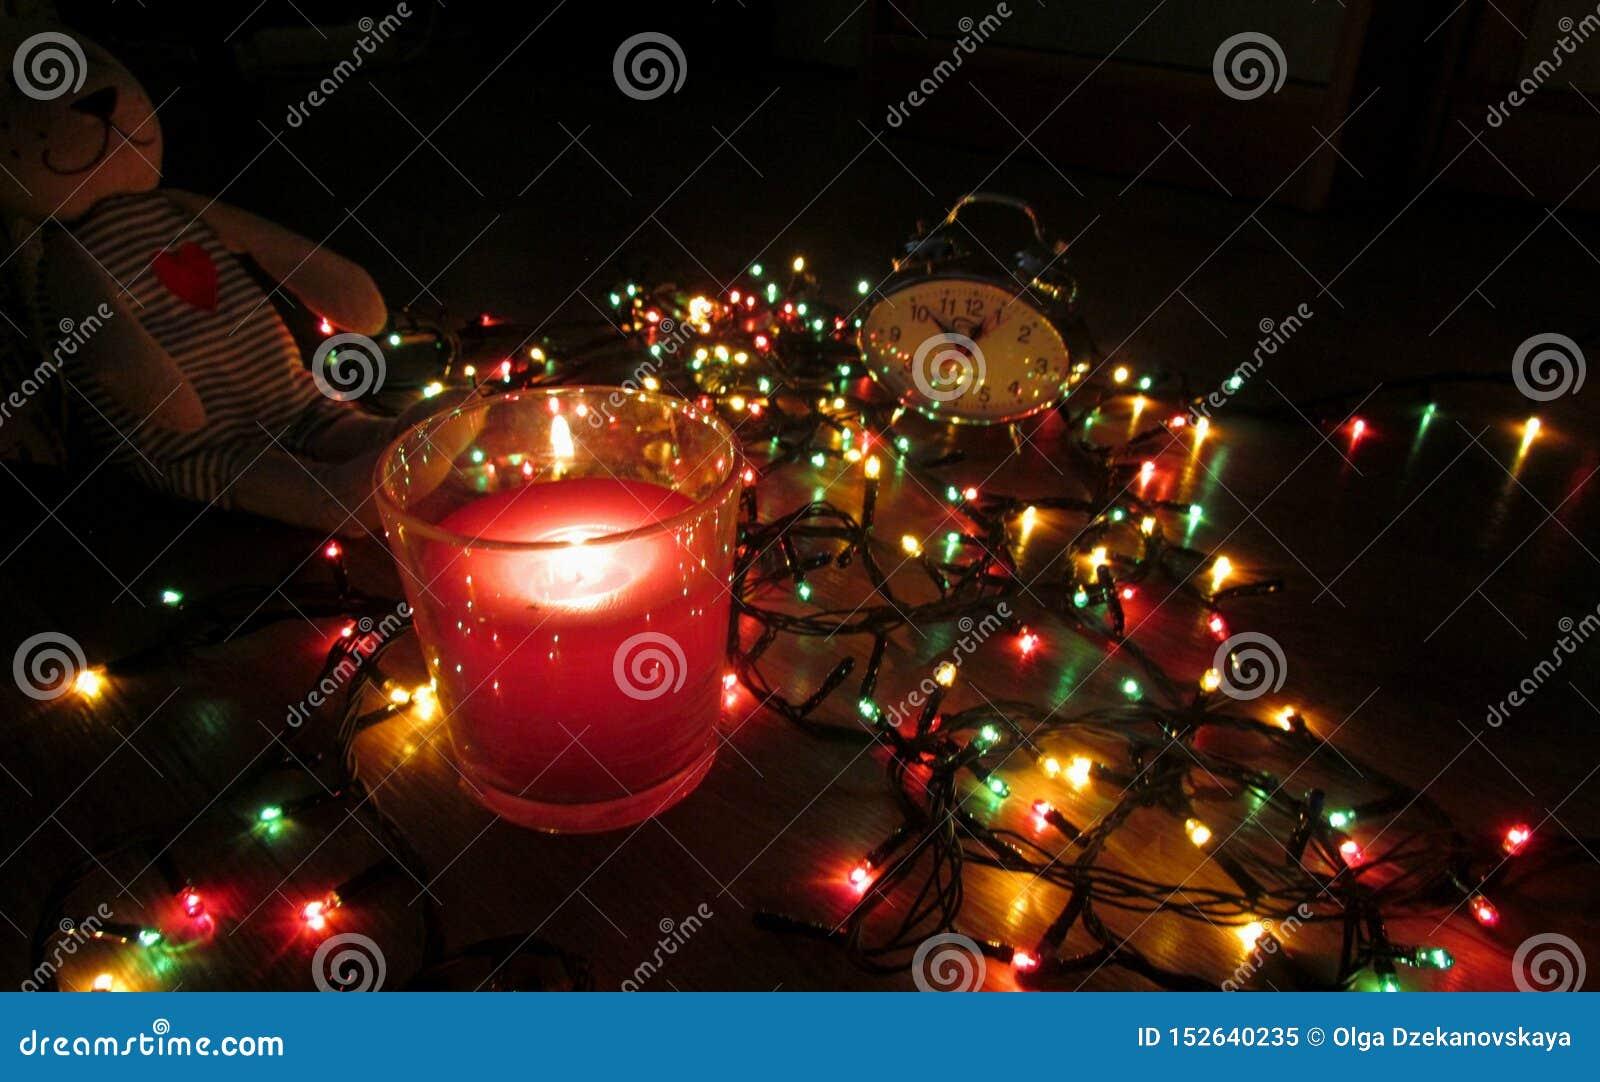 Αναμονή τα Χριστούγεννα στα πλαίσια του φωτός των νέων φω των έτους